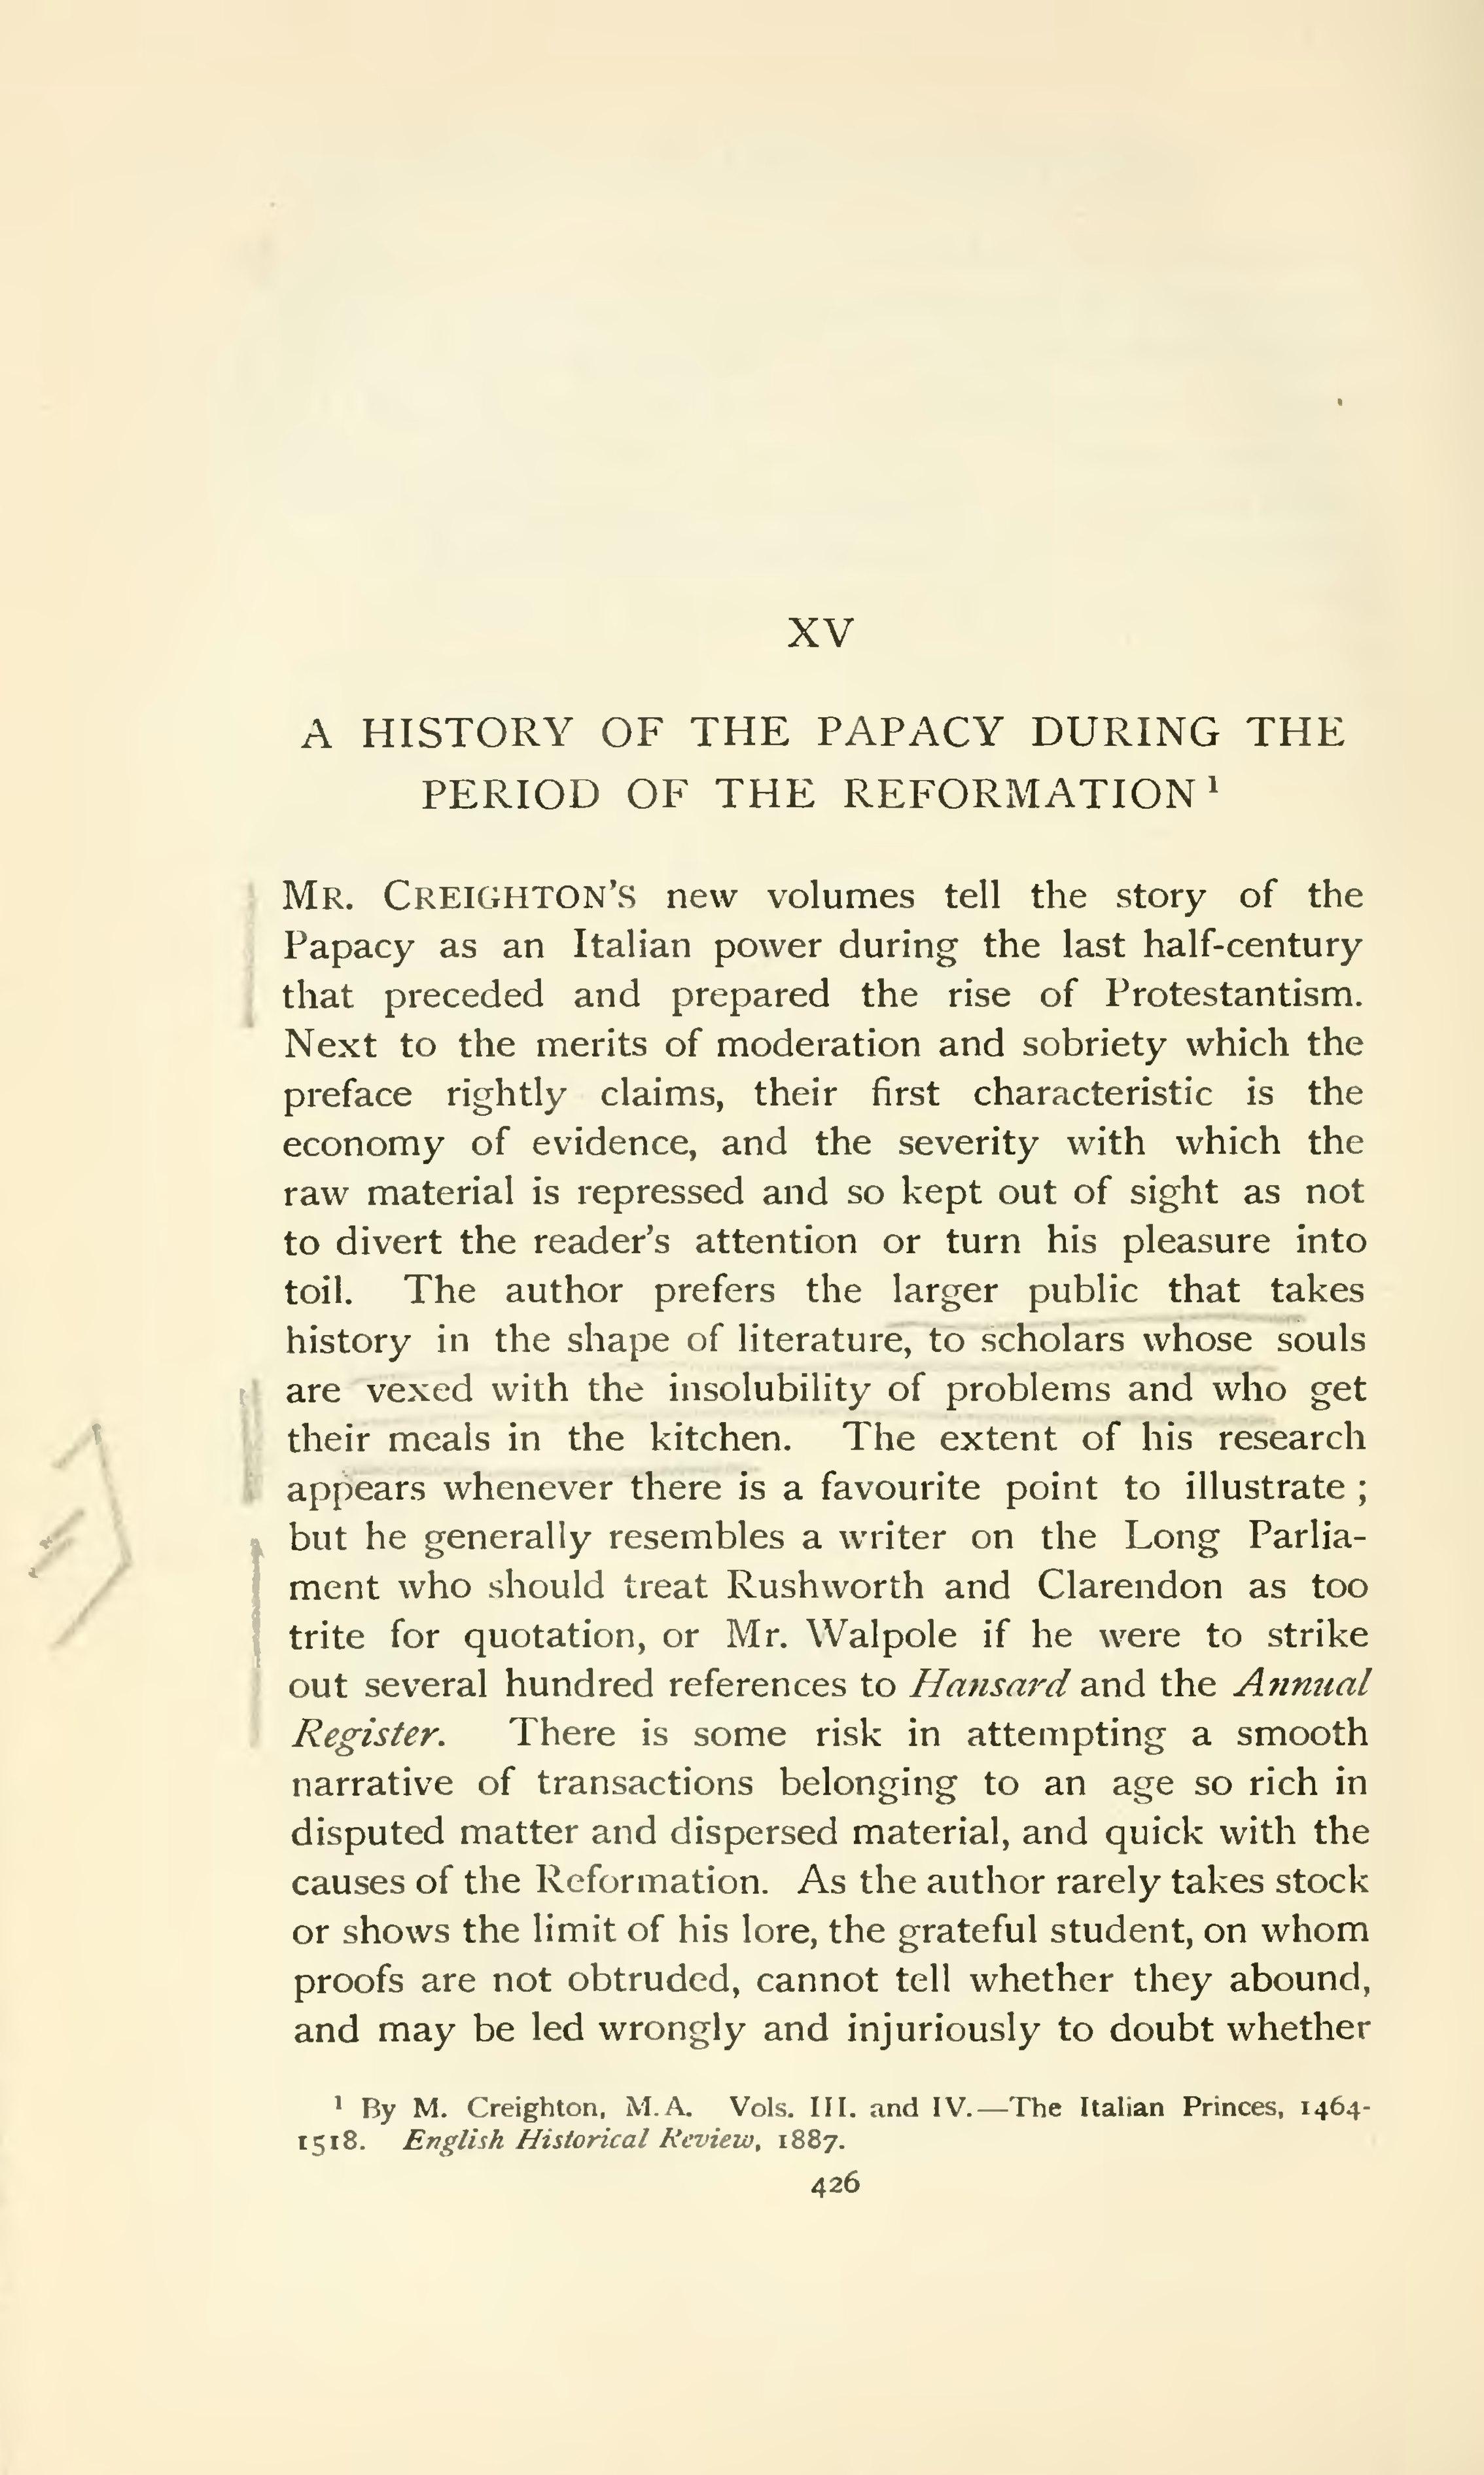 Charles van engen thesis